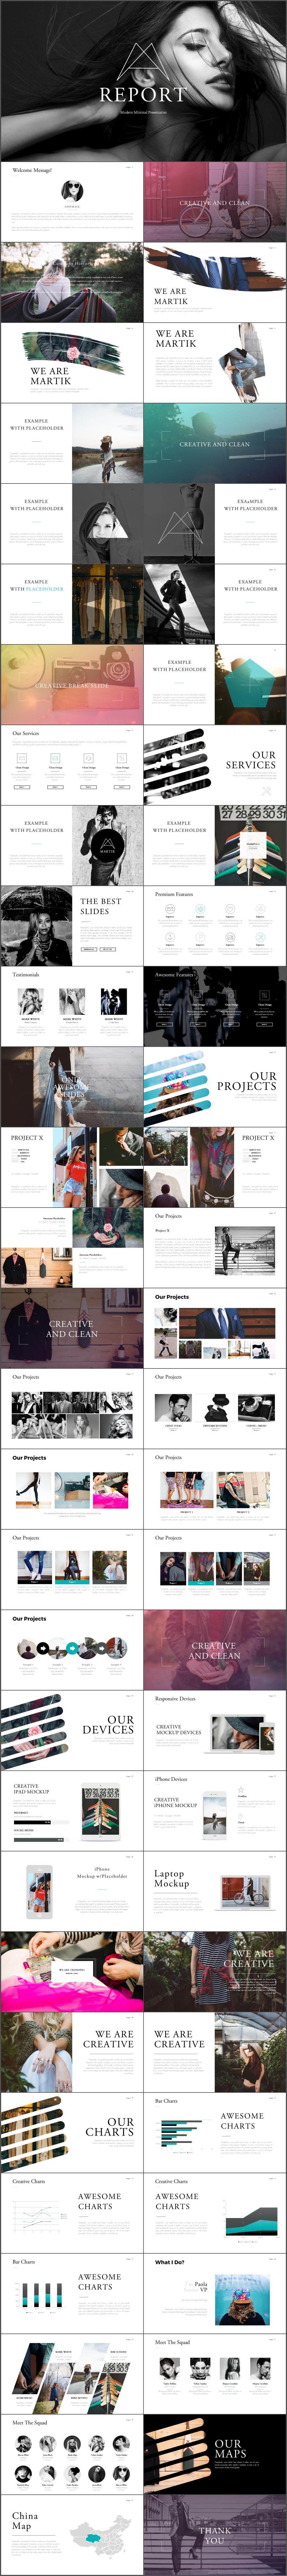 欧美时尚品牌宣传产品发布商业计划书PPT模板(172)